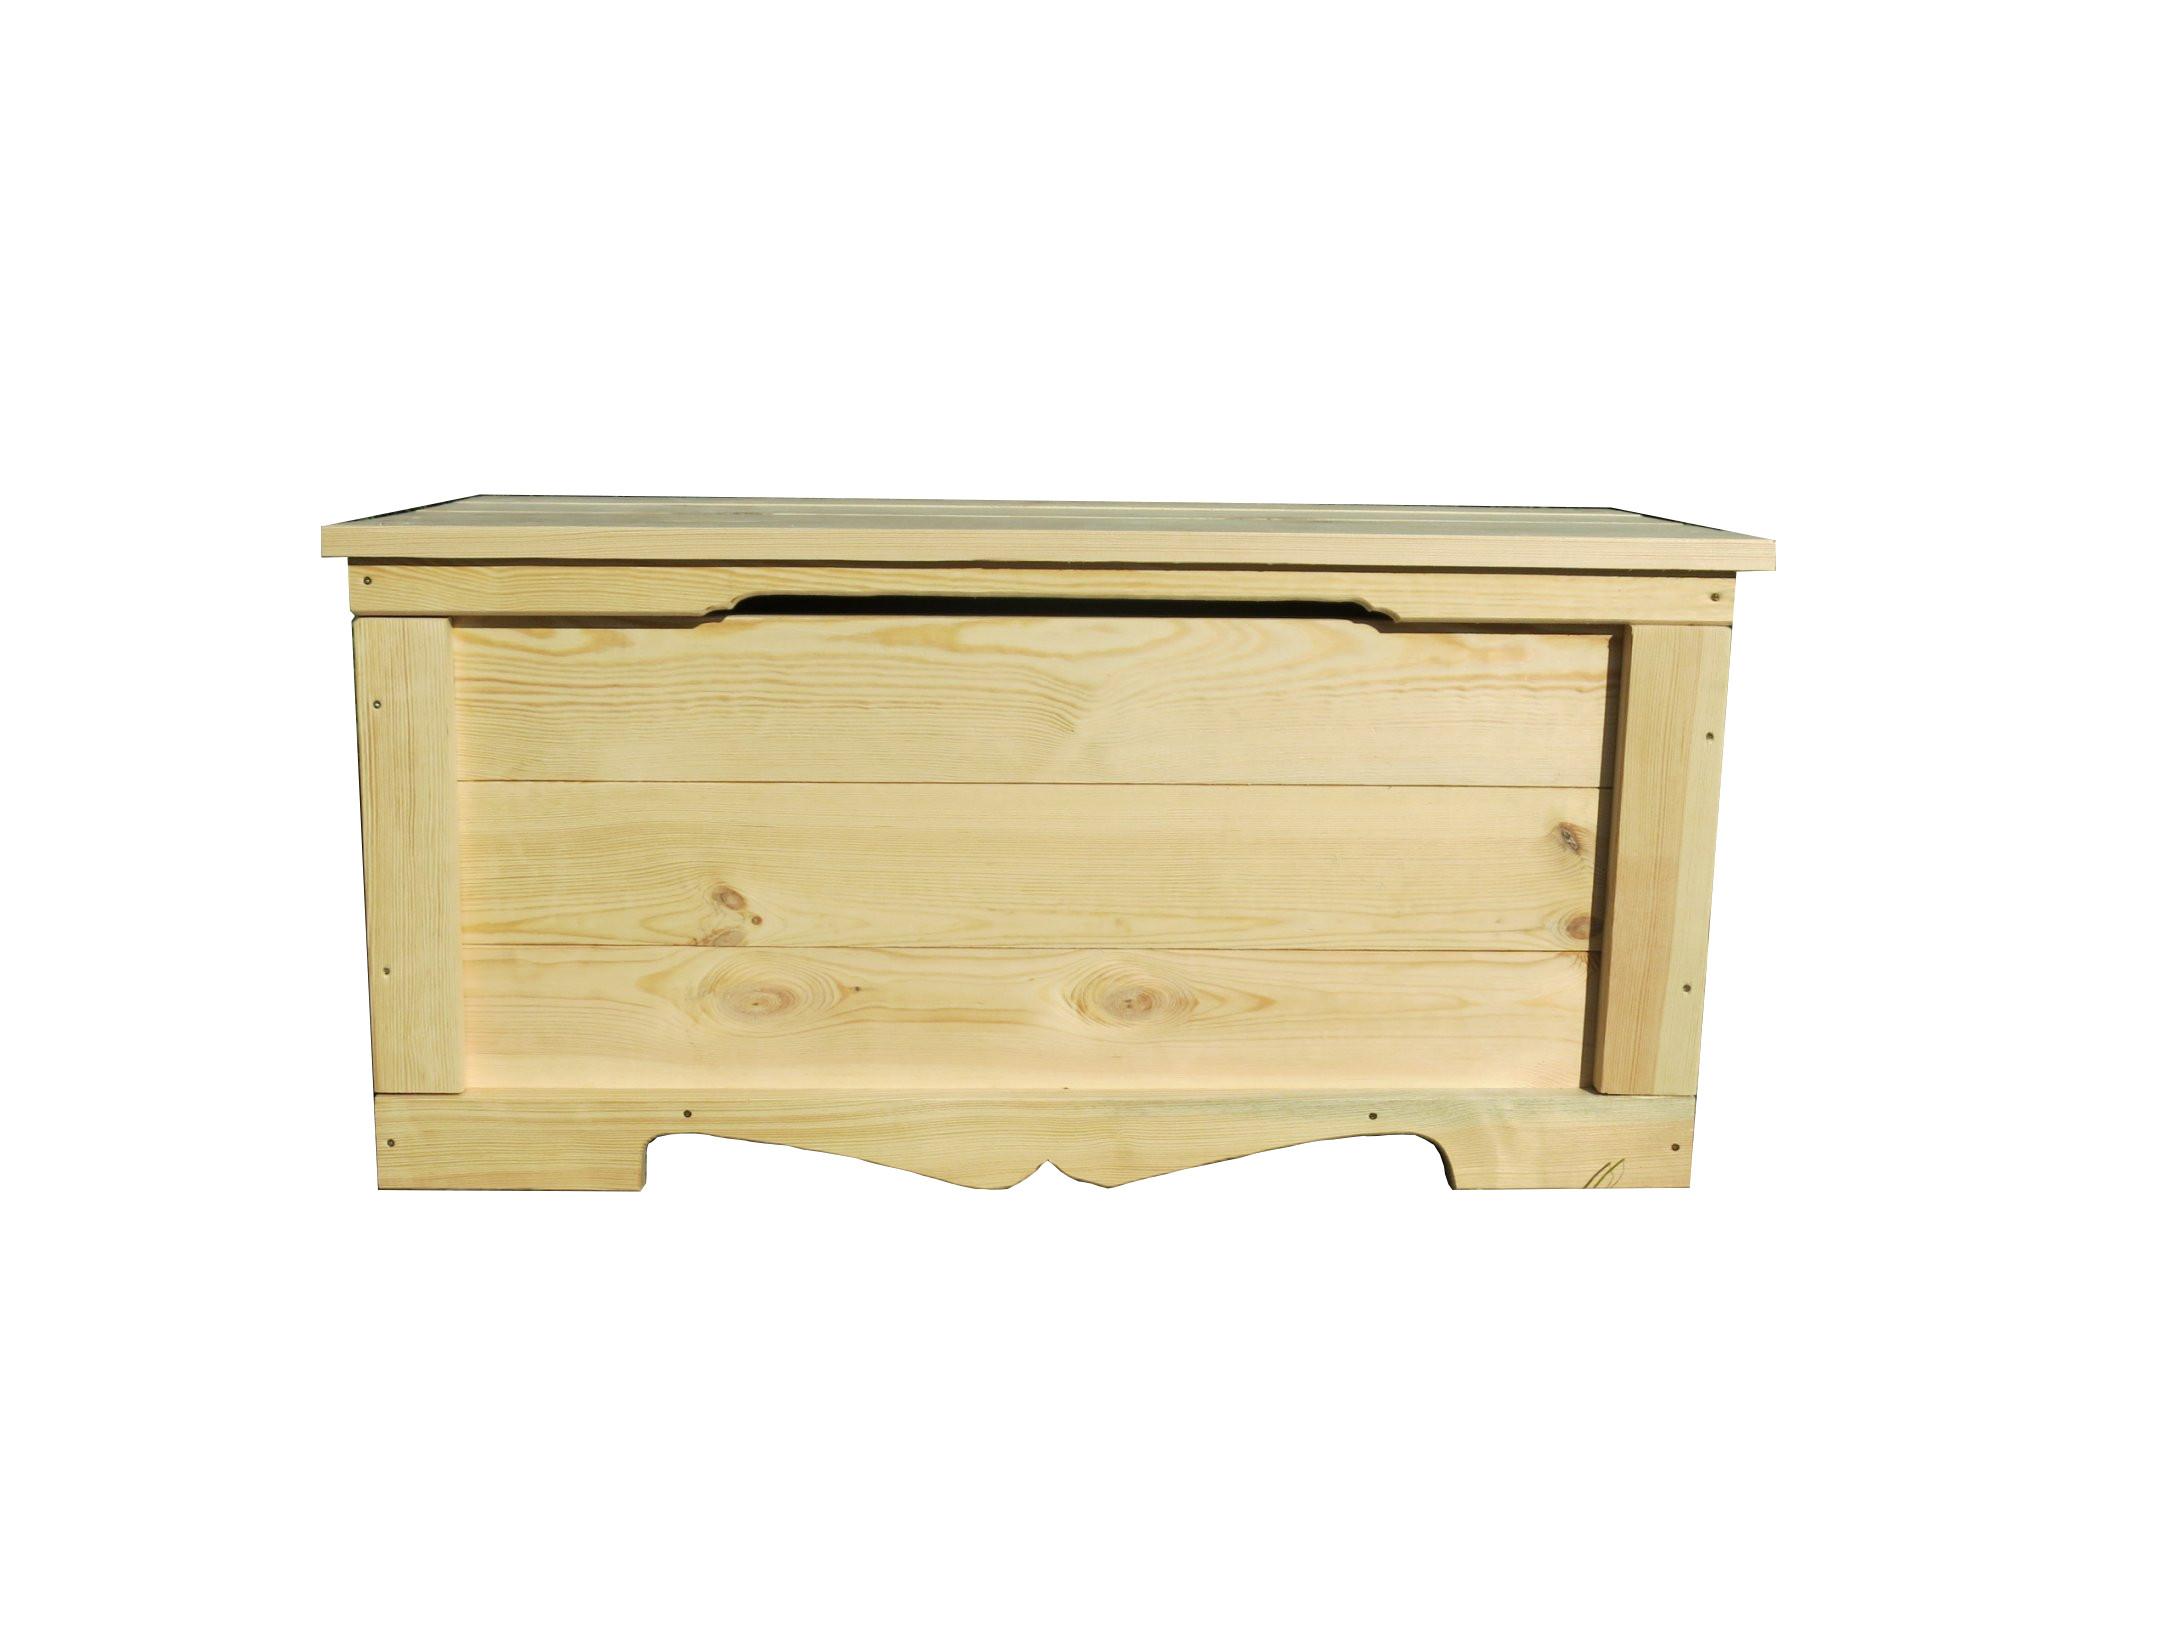 Skrzynia kufer drewniany solidny 100 x 48 x 48 cm